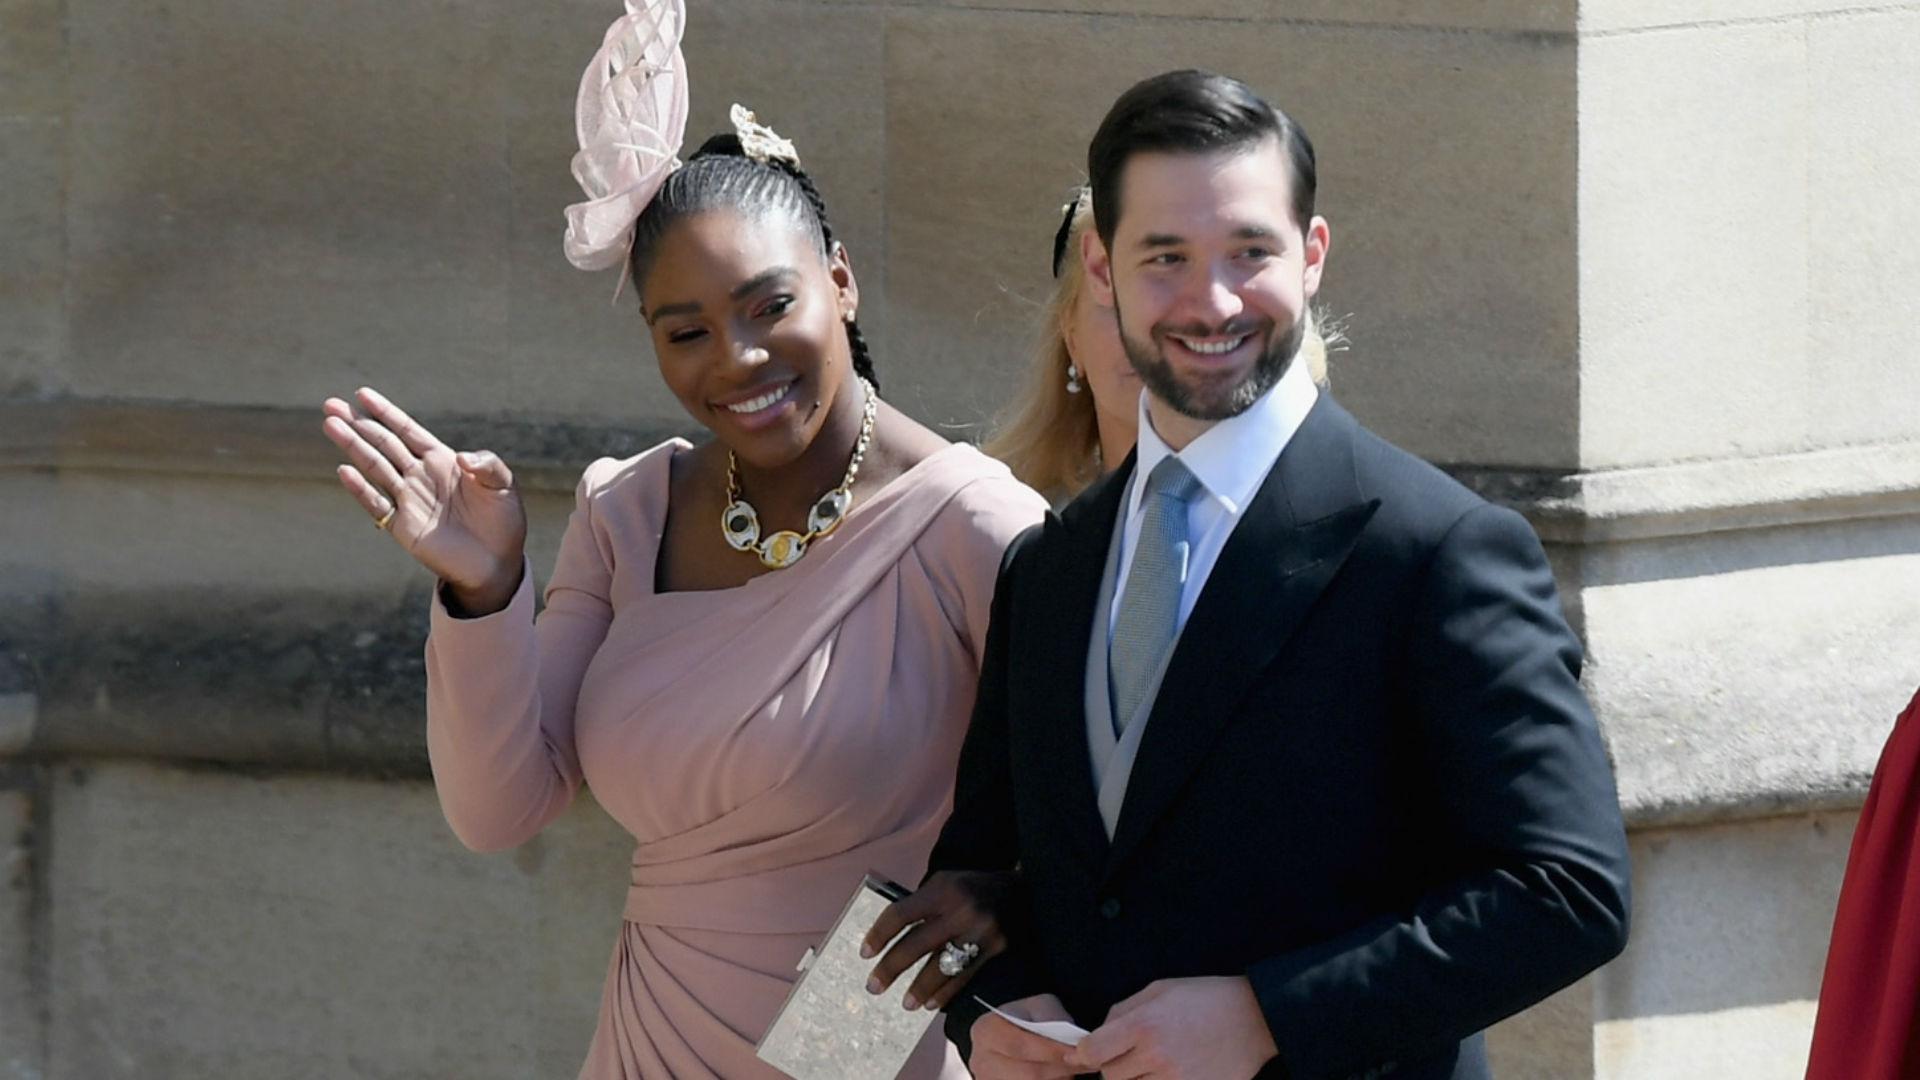 Guests At Royal Wedding.Serena And Beckham Among Royal Wedding Guests Football News